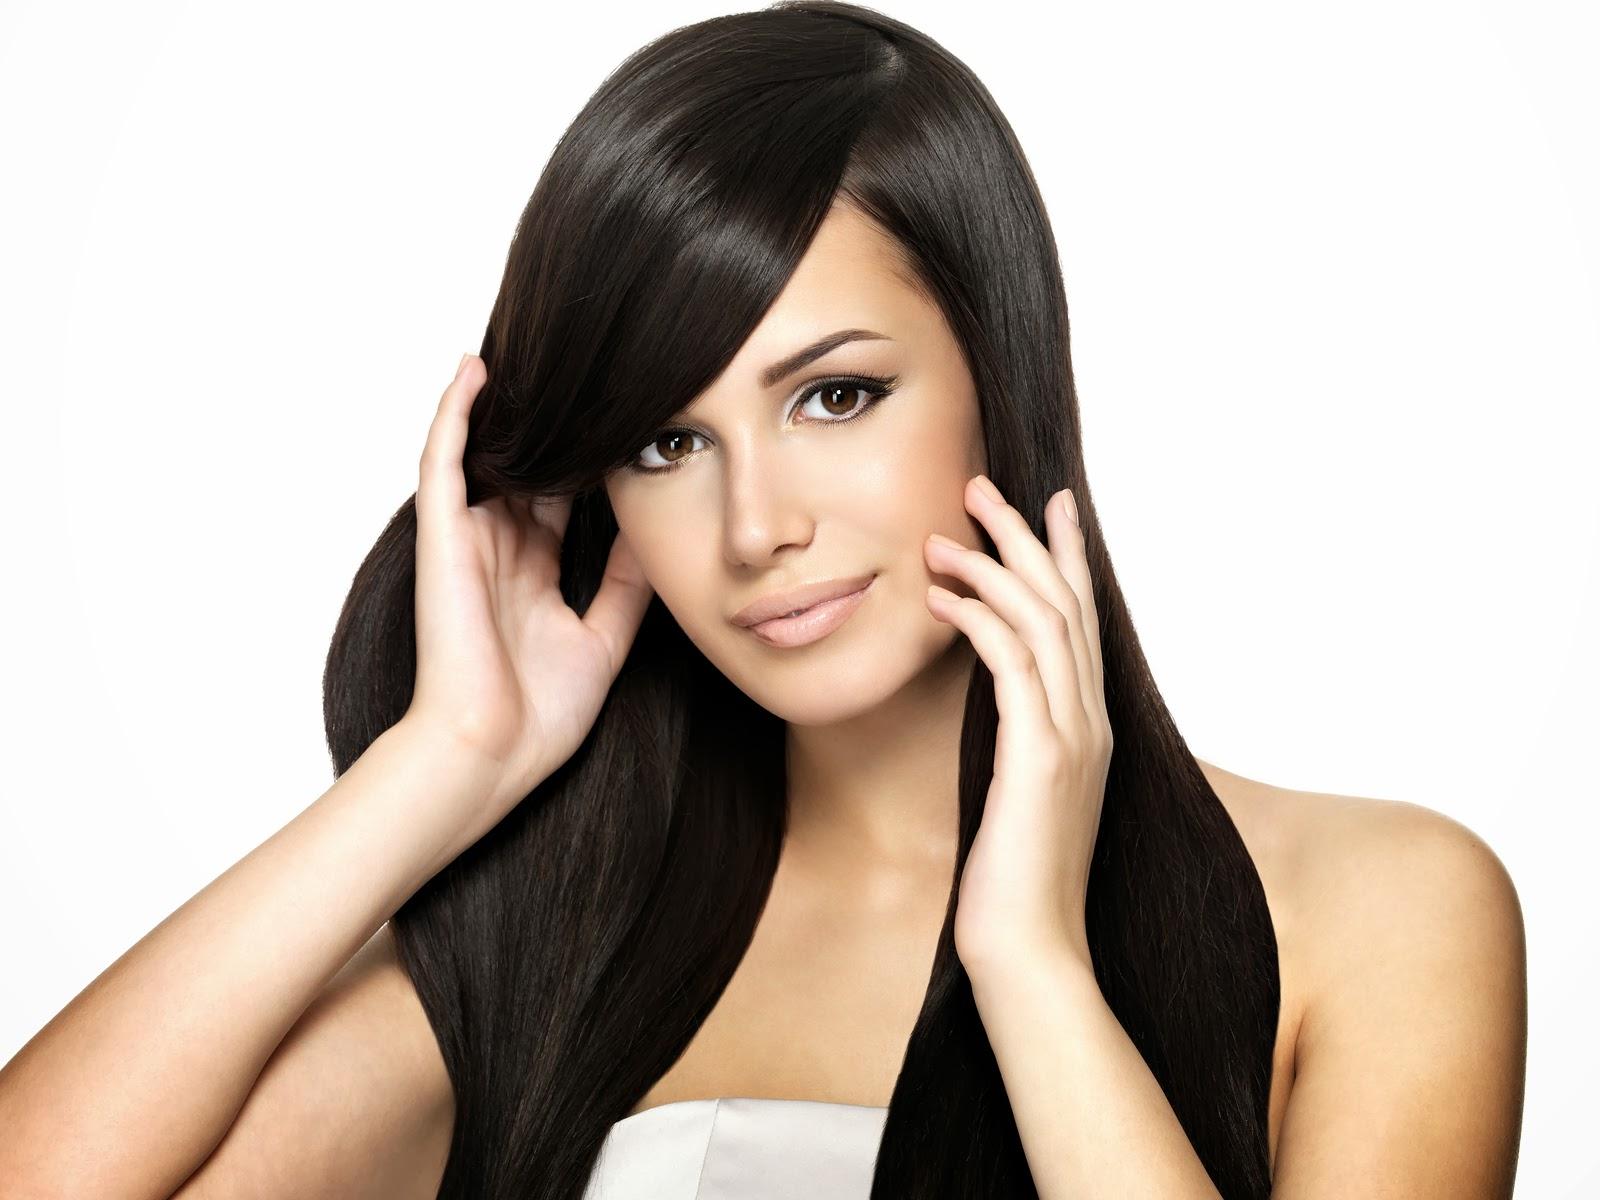 تخفيضات حتى 15% على التمليس البرازيلي من NStyle Beauty Lounge